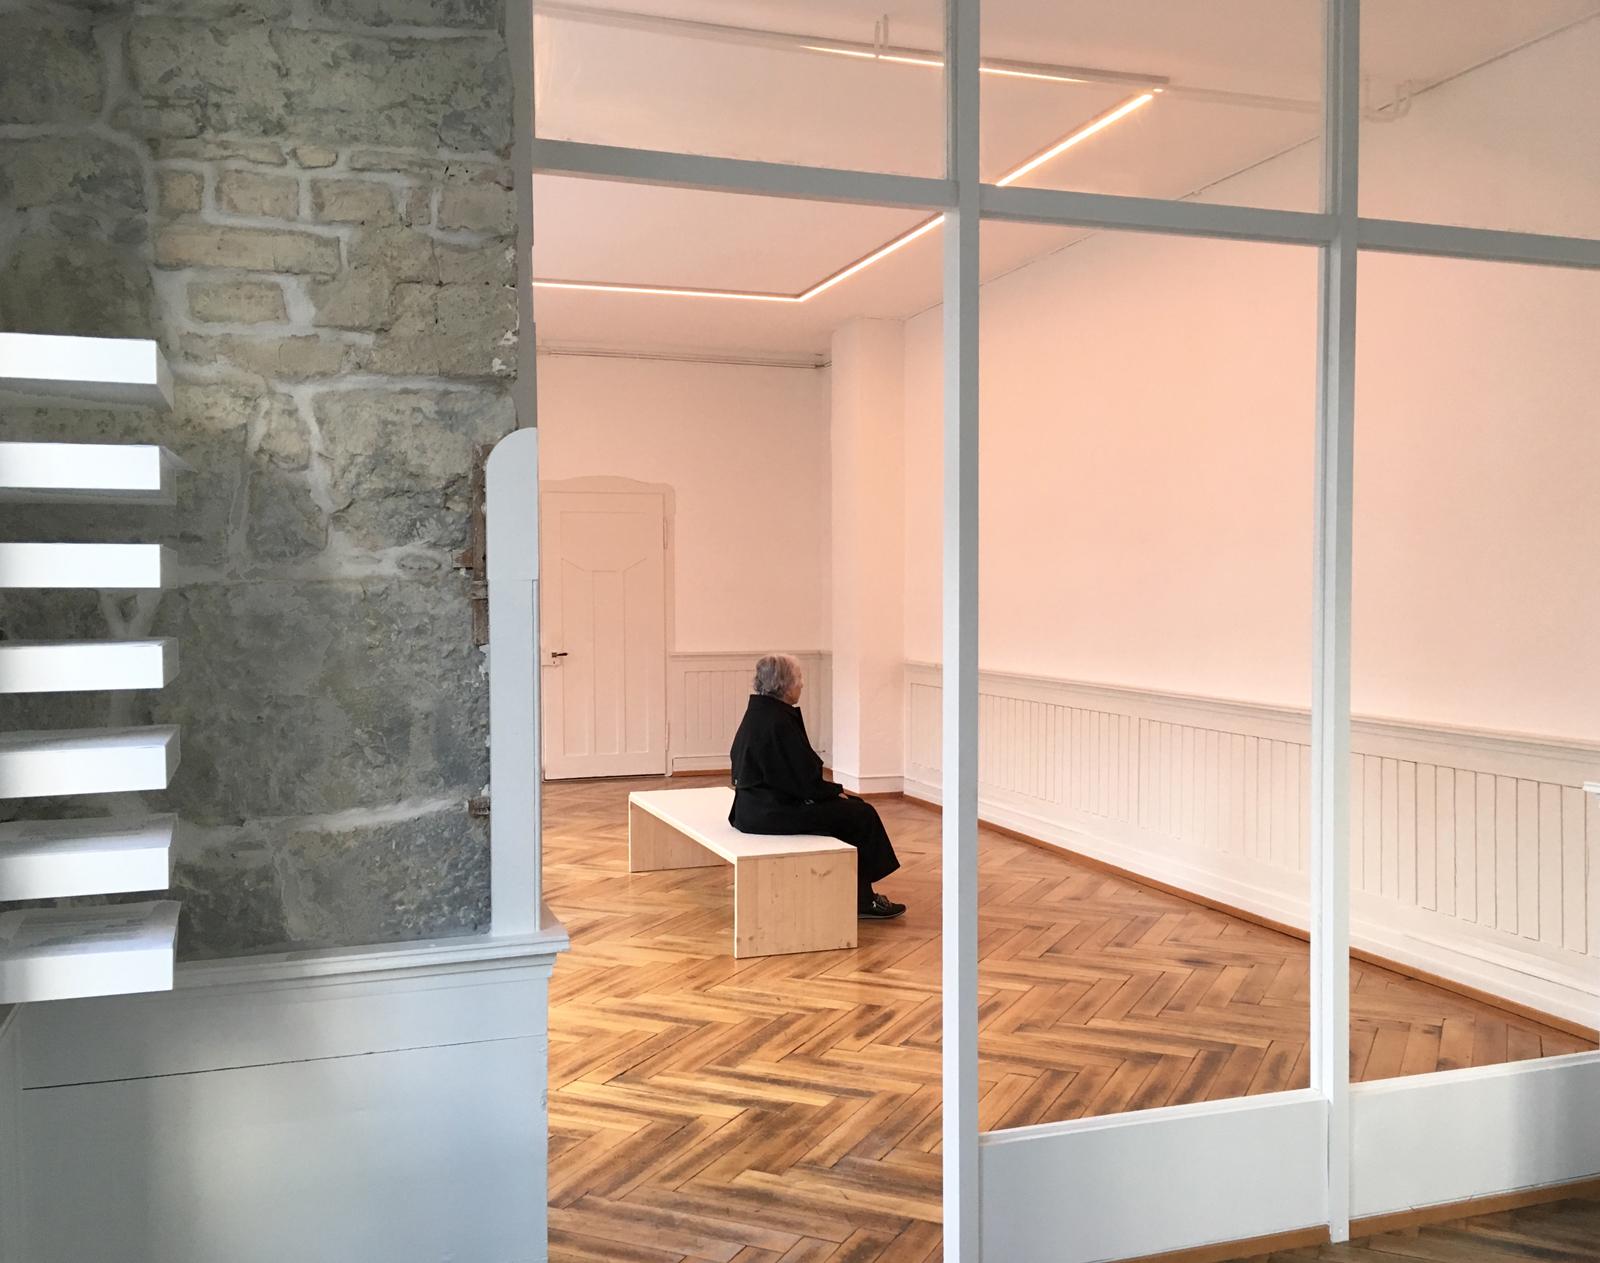 Museum of Emptiness / Sammlung und Ausstellungsraum / Foto: Gilgi Guggenheim